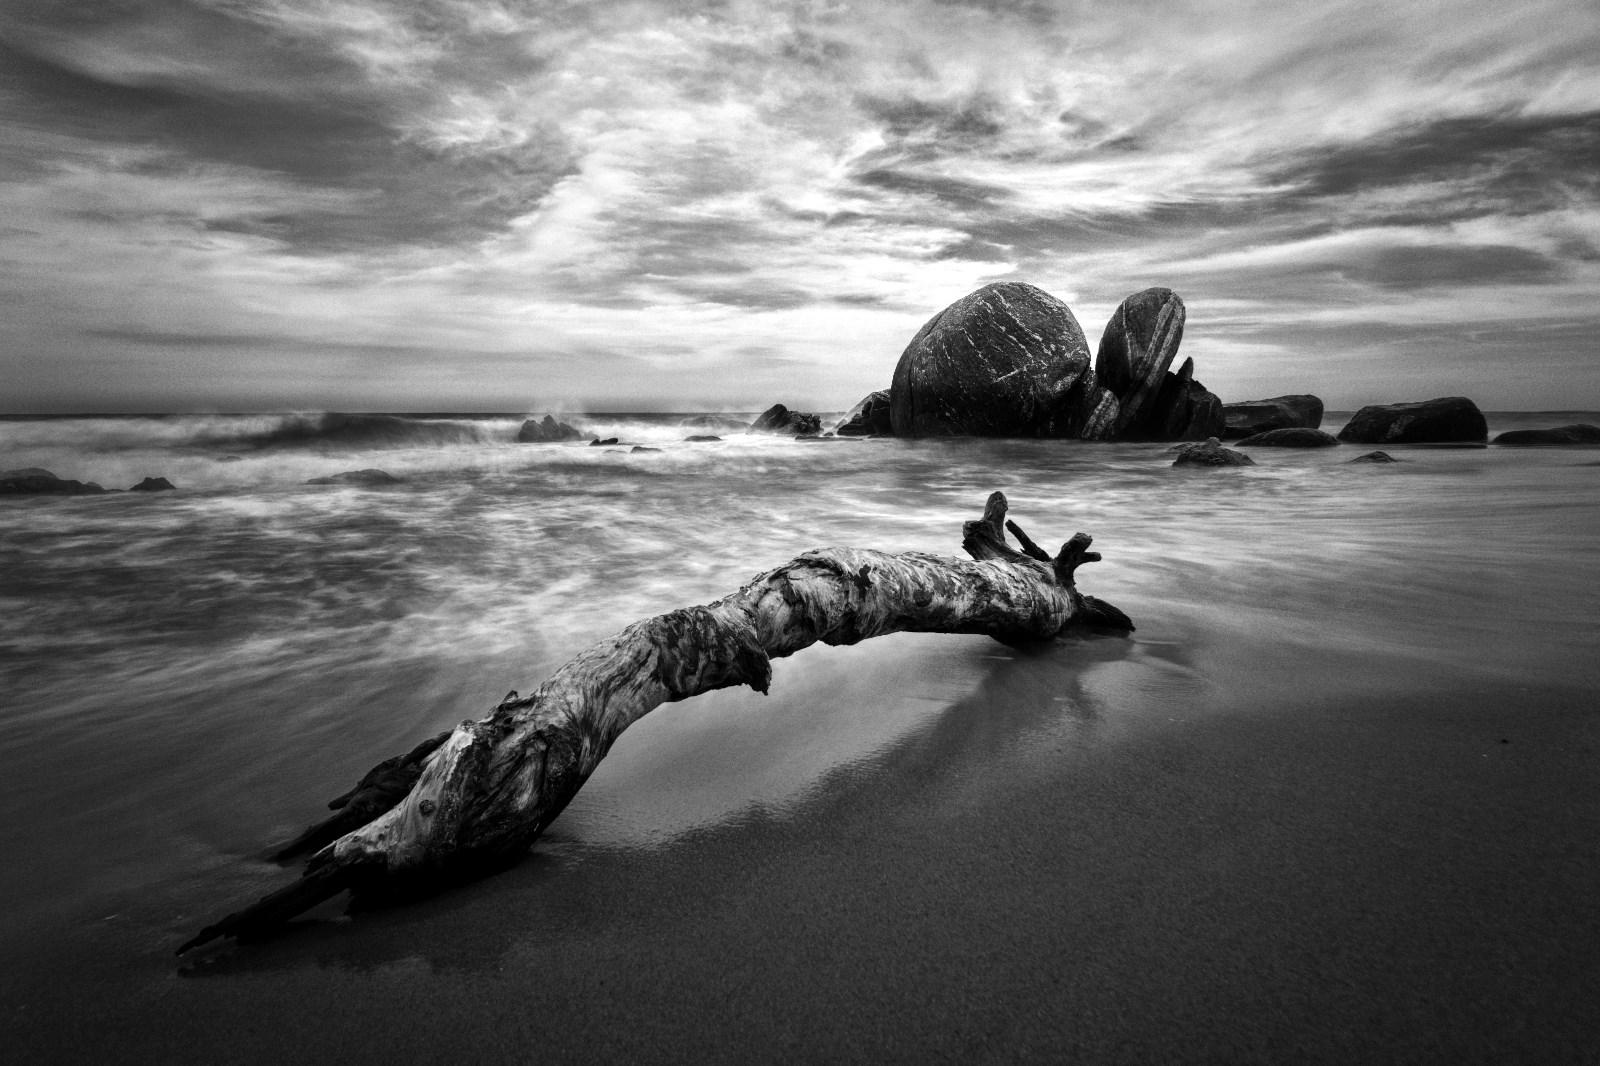 海龟石】.jpg